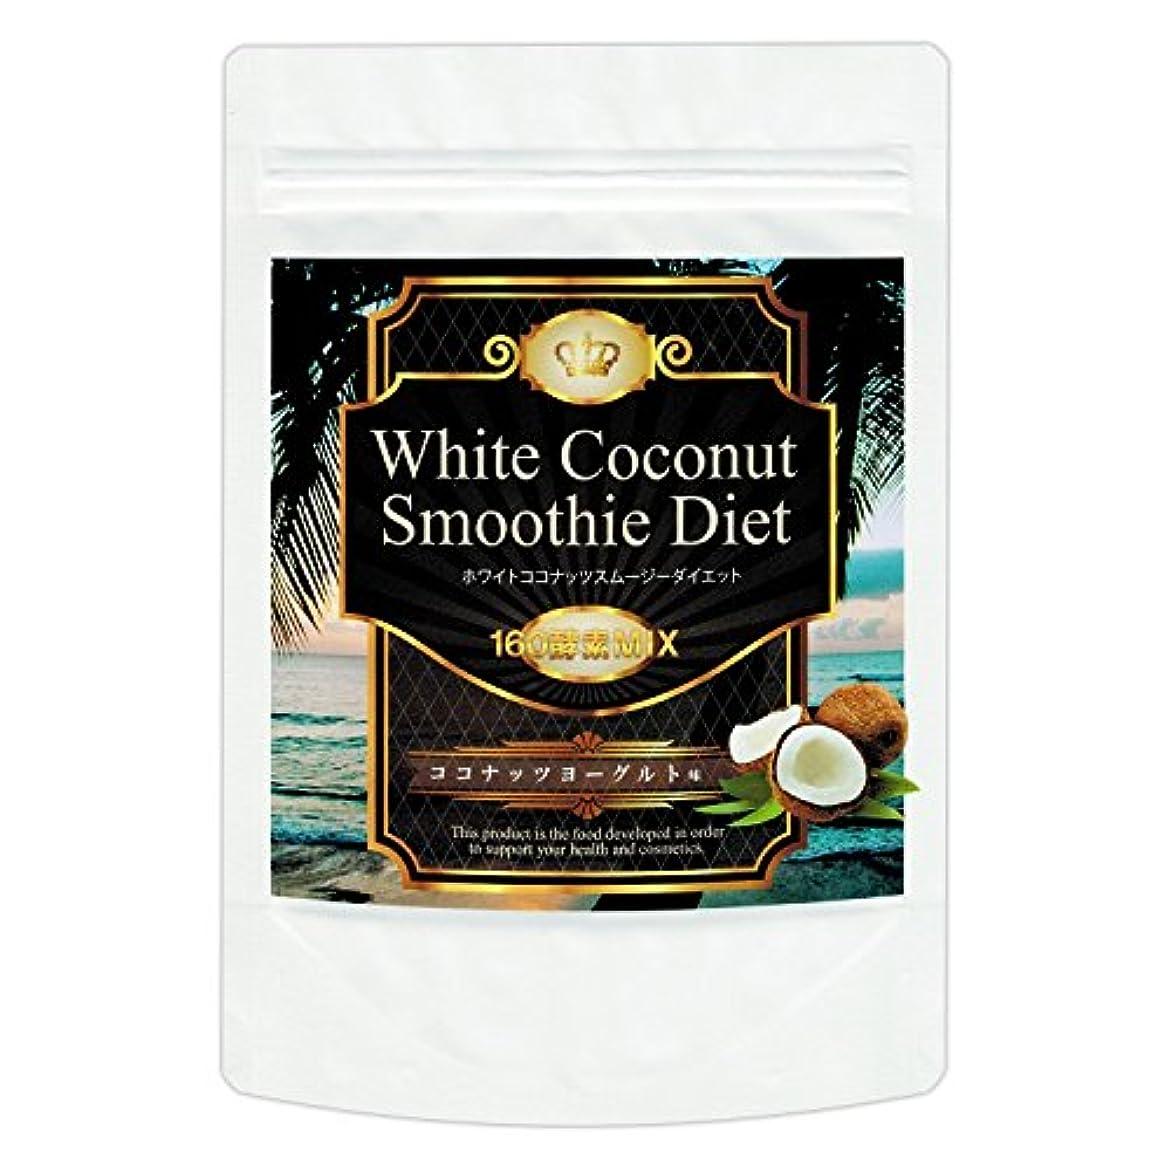 成功した落ち着く流行しているホワイトココナッツスムージーダイエット(ココナッツヨーグルト味) ~160酵素MIX~